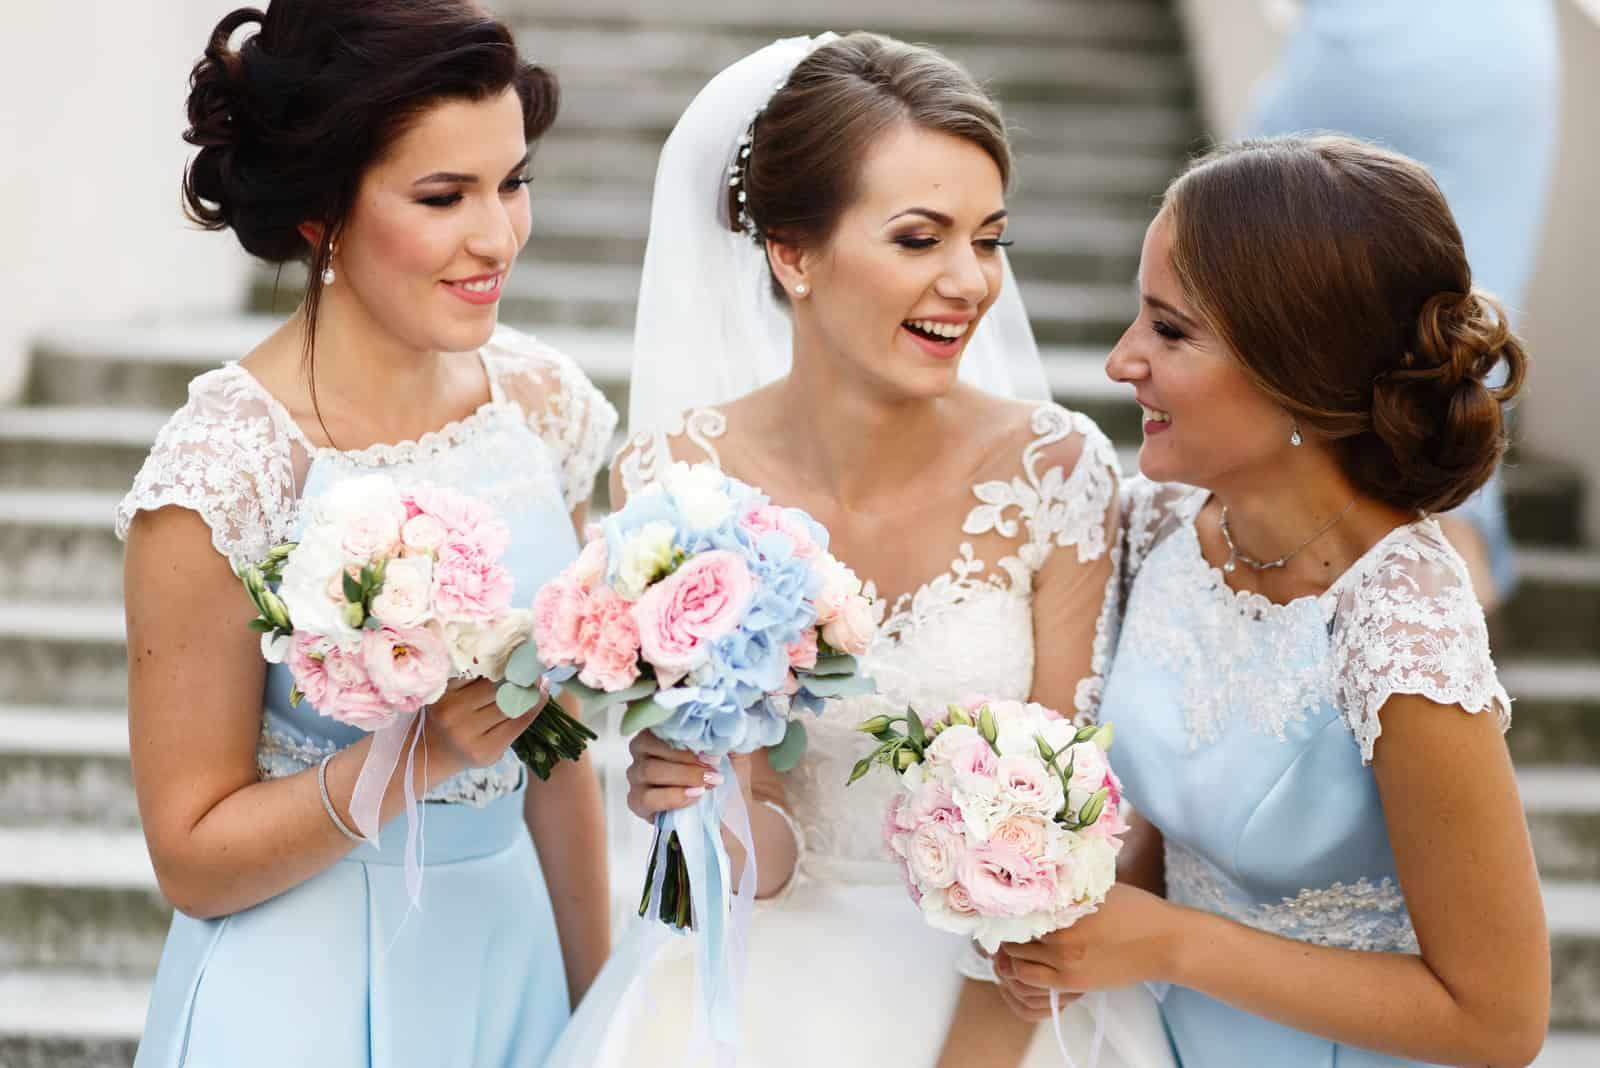 Eine schöne Braut steht mit den Brautjungfern auf der Treppe